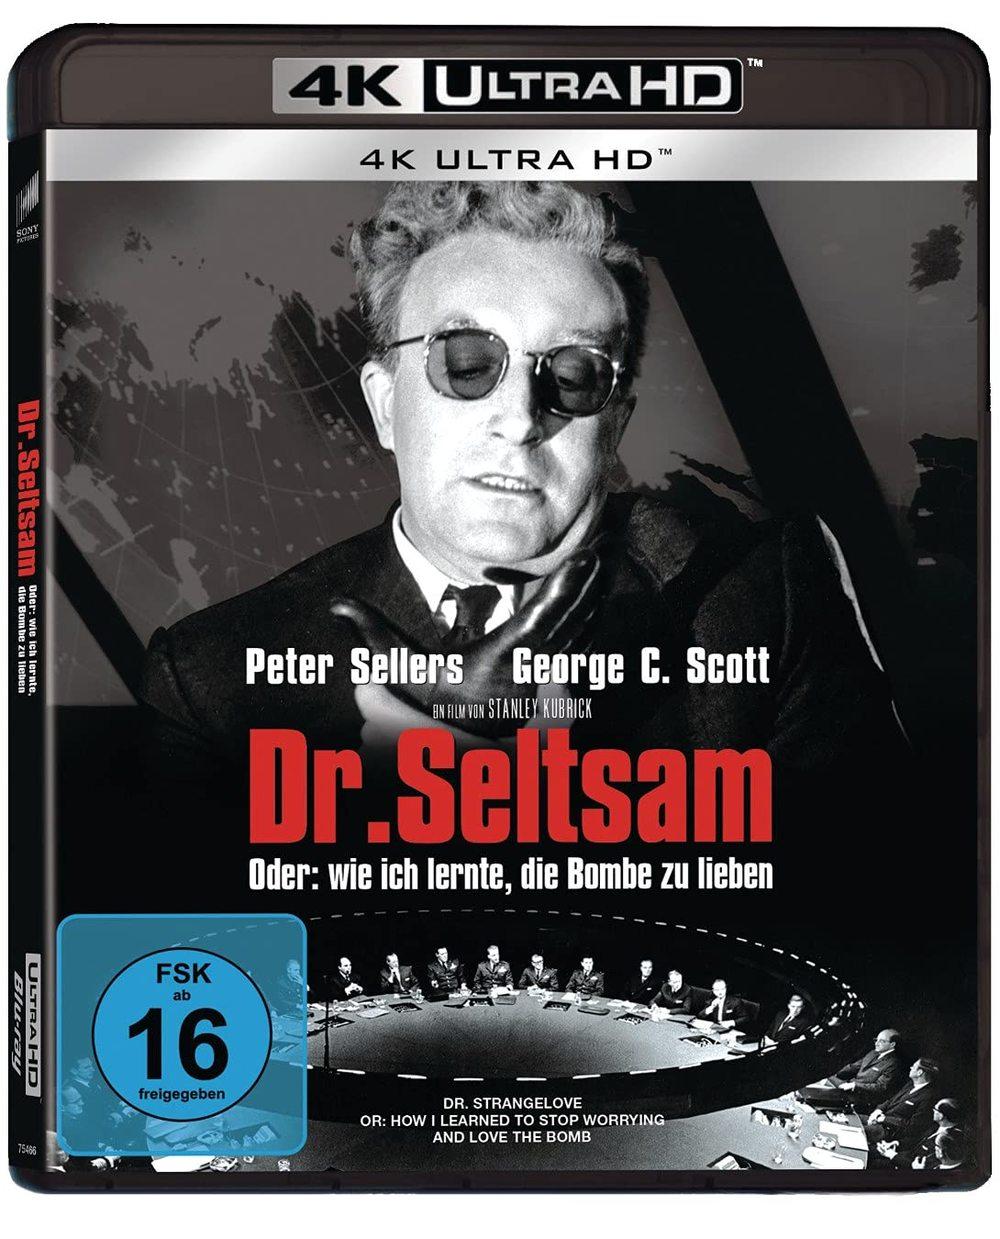 """Langer Titel, famoser Film: Wir verlosen """"Dr. Seltsam, oder wie ich lernte, die Bombe zu lieben"""" auf 4K UHD"""